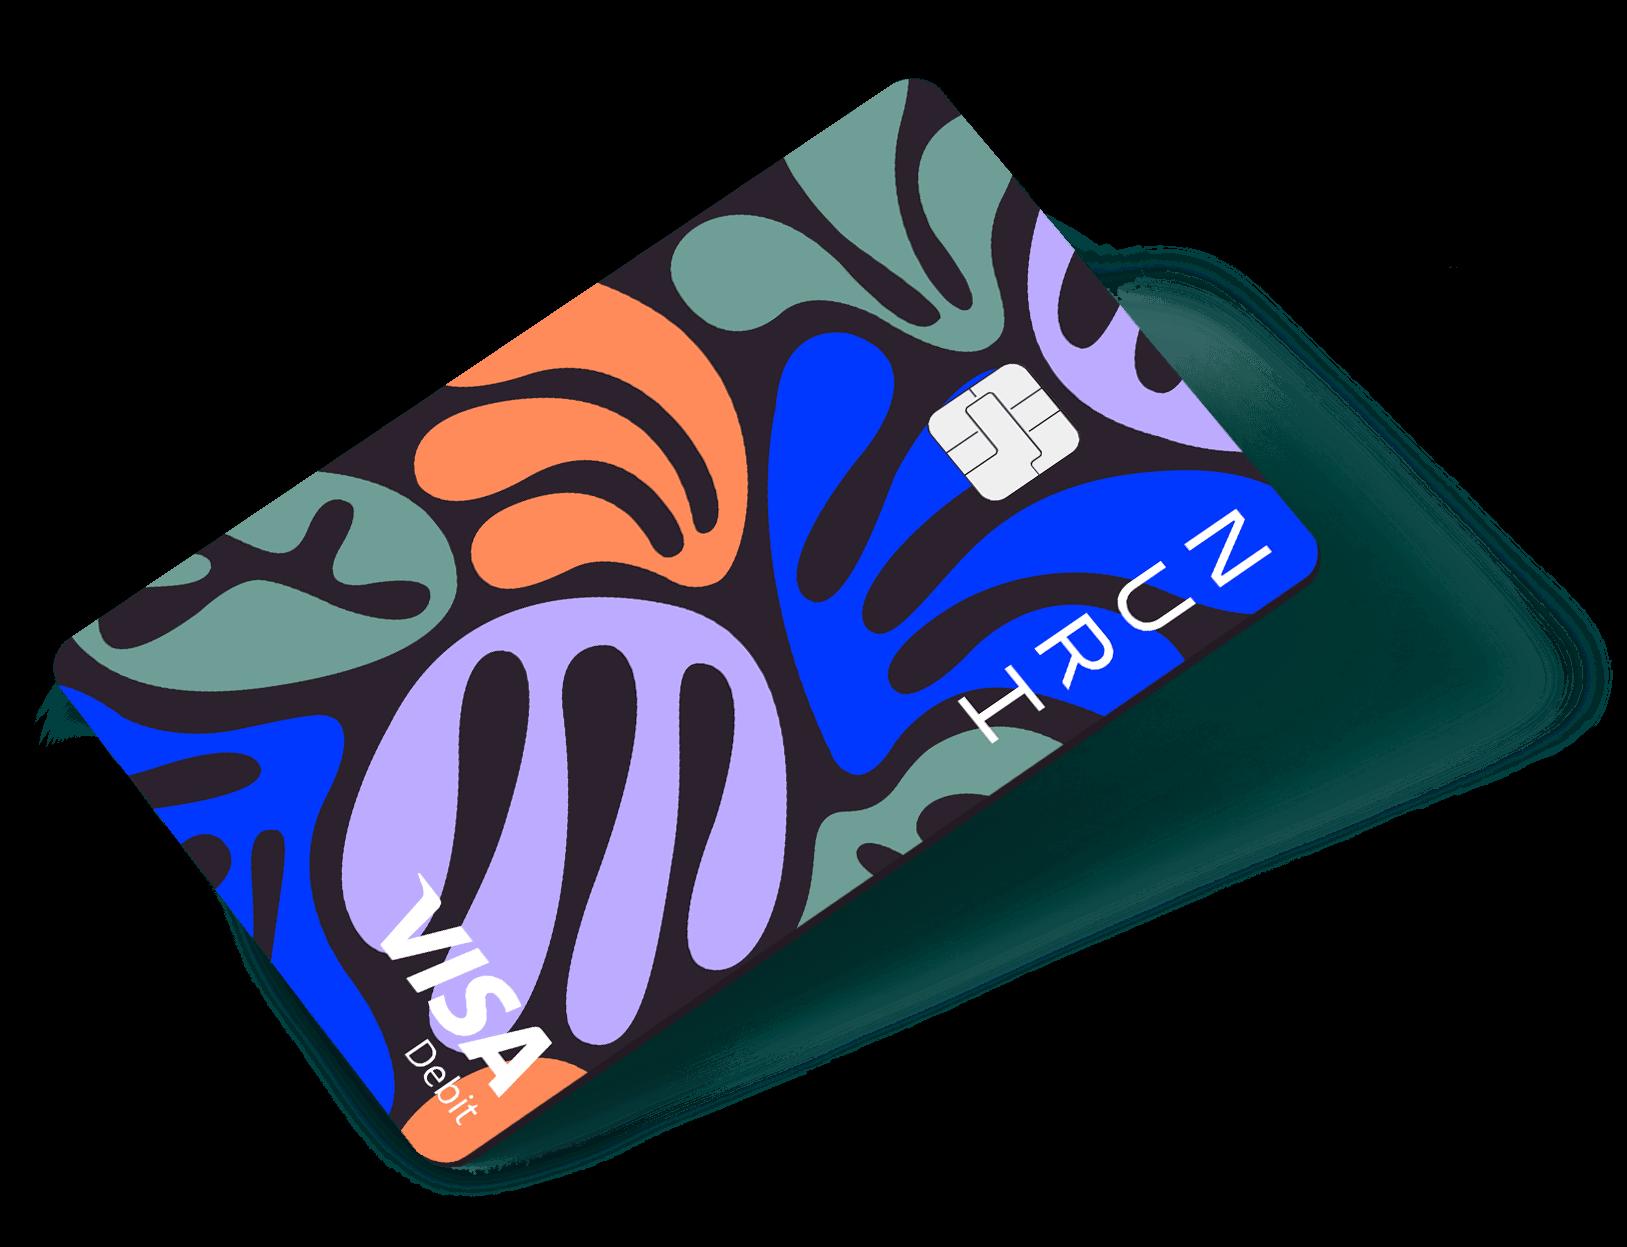 Nuri Visa Debit Kreditkarte - Alle Infos Zur Beantragung & Den Konditionen